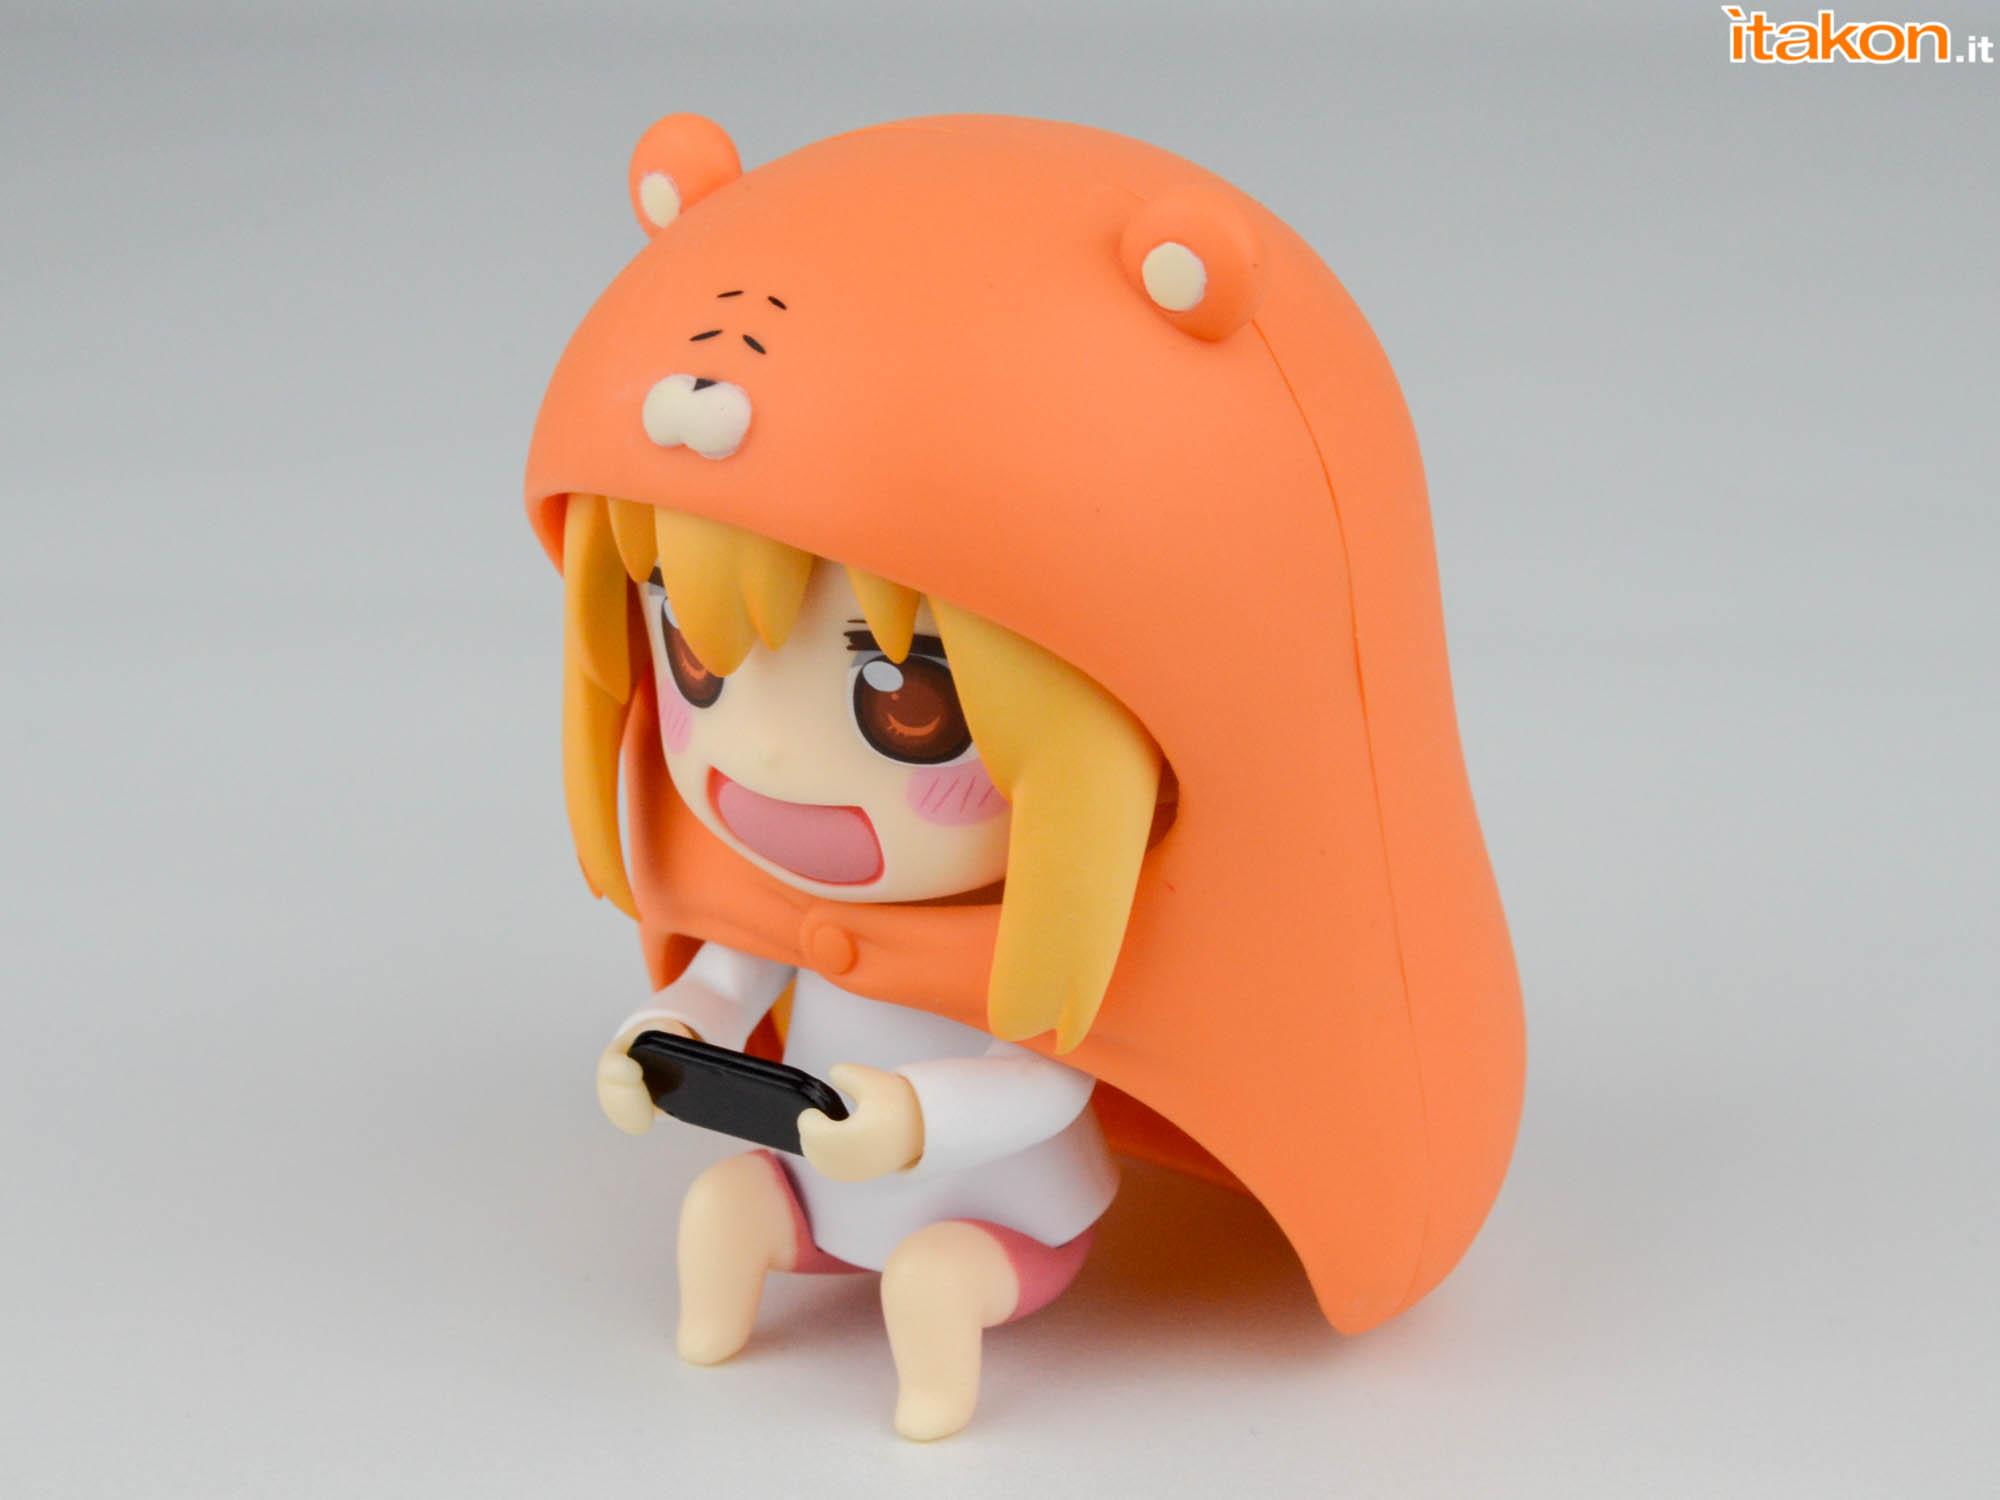 Umaru_Nendoroid_GSC_524_review-72